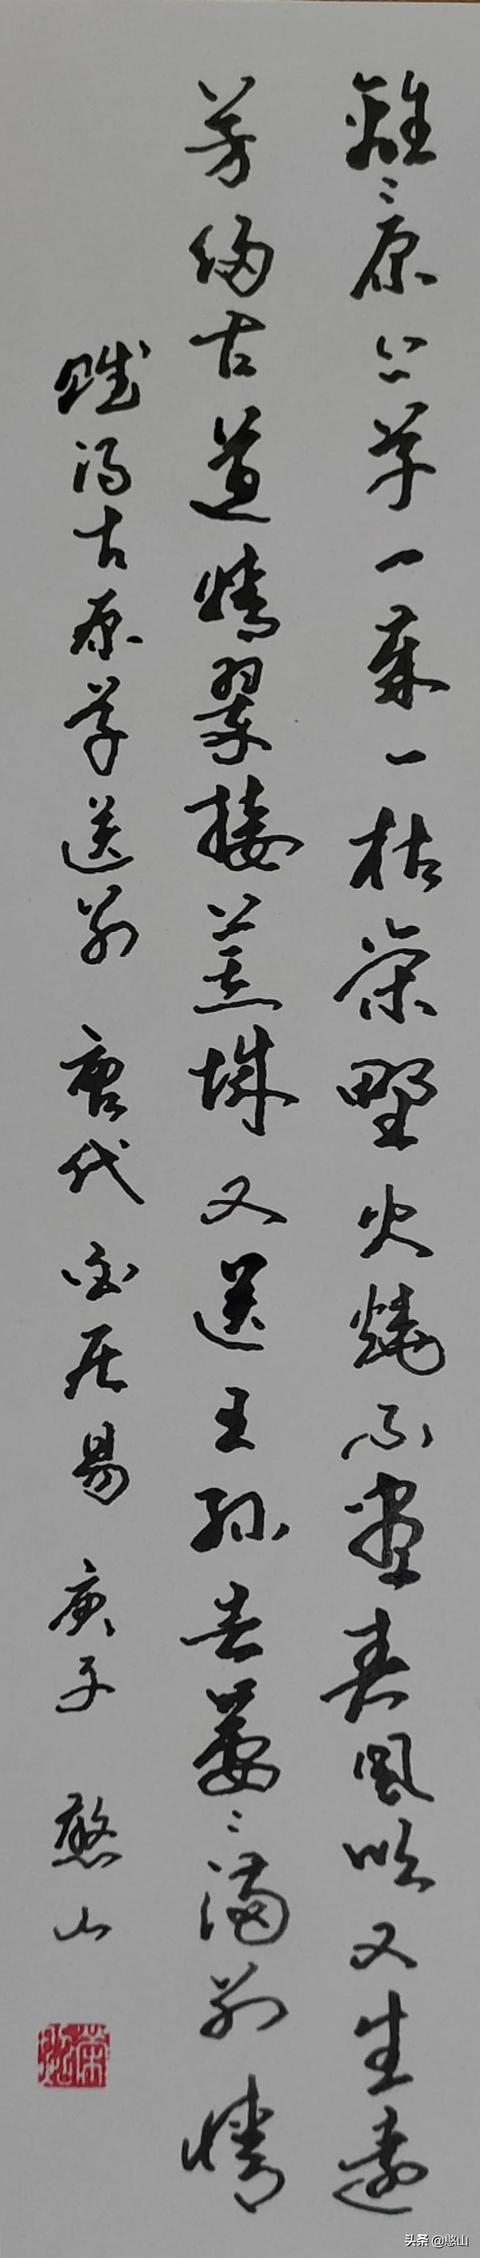 离离原上草全诗的诗名,唐诗三百首五言律诗《赋得古原草送别》